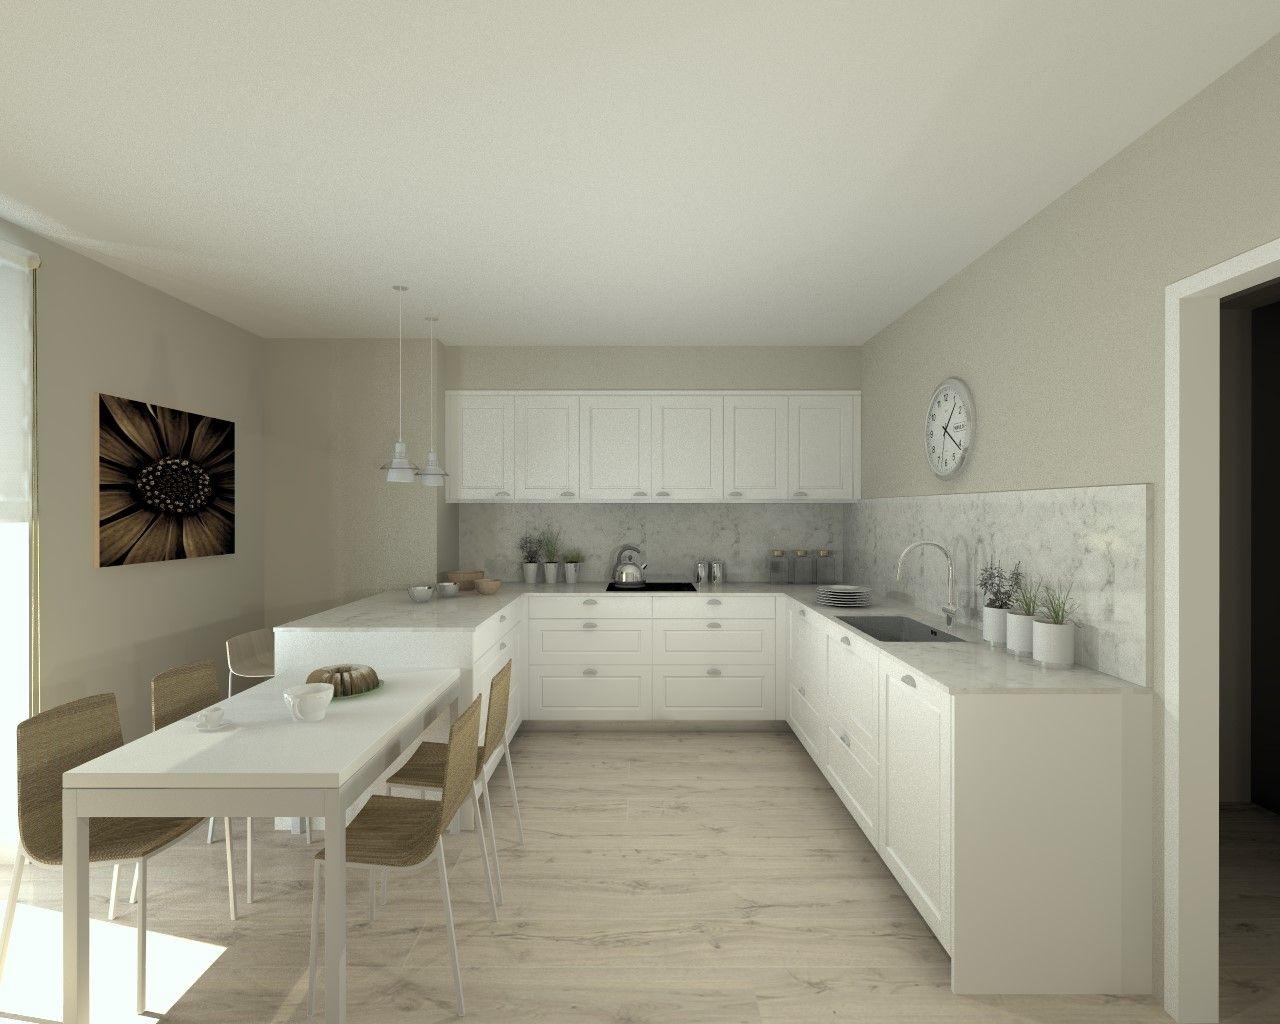 Cocina santos modelo epoca laca seda blanca encimera - Encimera silestone ...